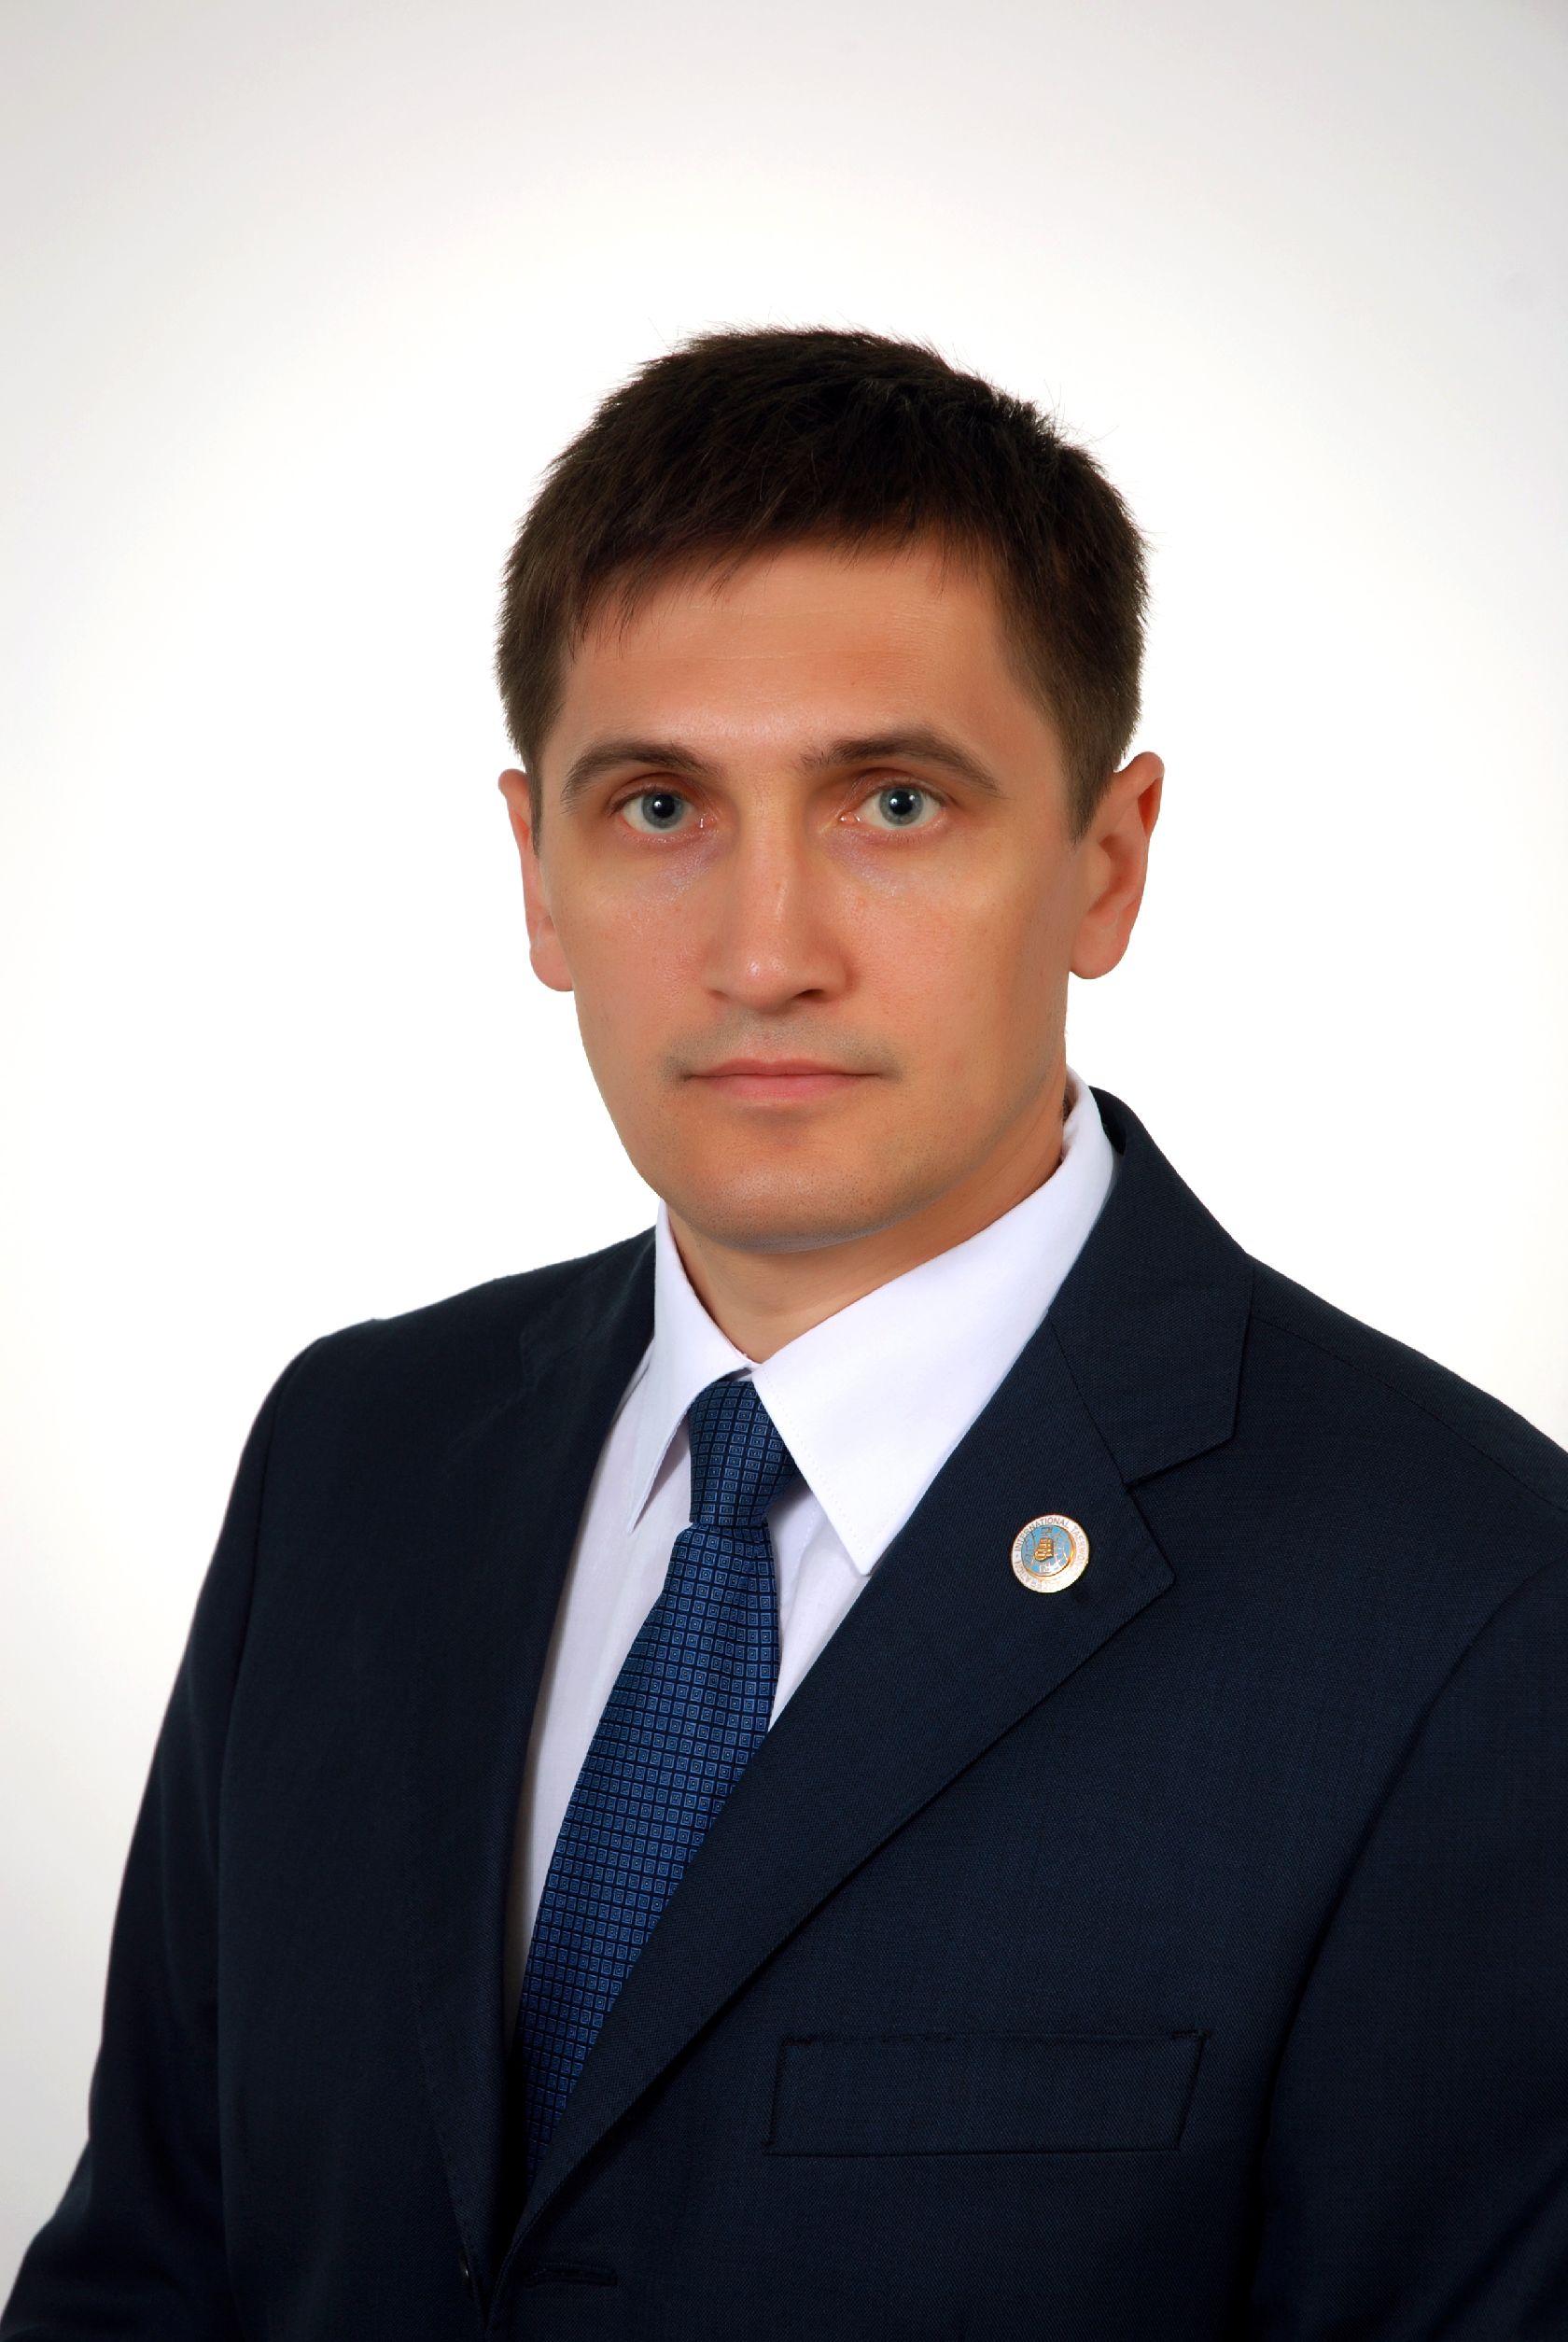 Сергей Калантаев - вице-президент Новосибирской областной Федерации тхэквондо ИТФ (ITF – Internation Taekwondo Federation)